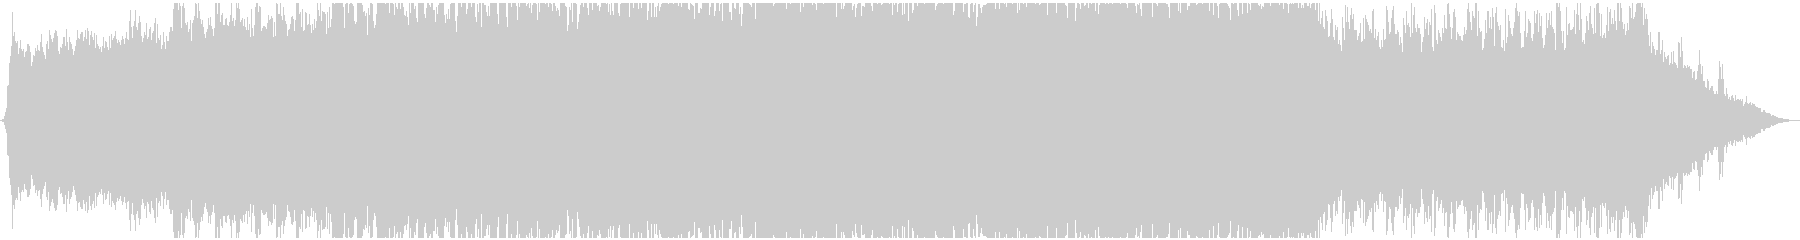 電気音響シンフォニー 未来の技術 ...の未再生の波形